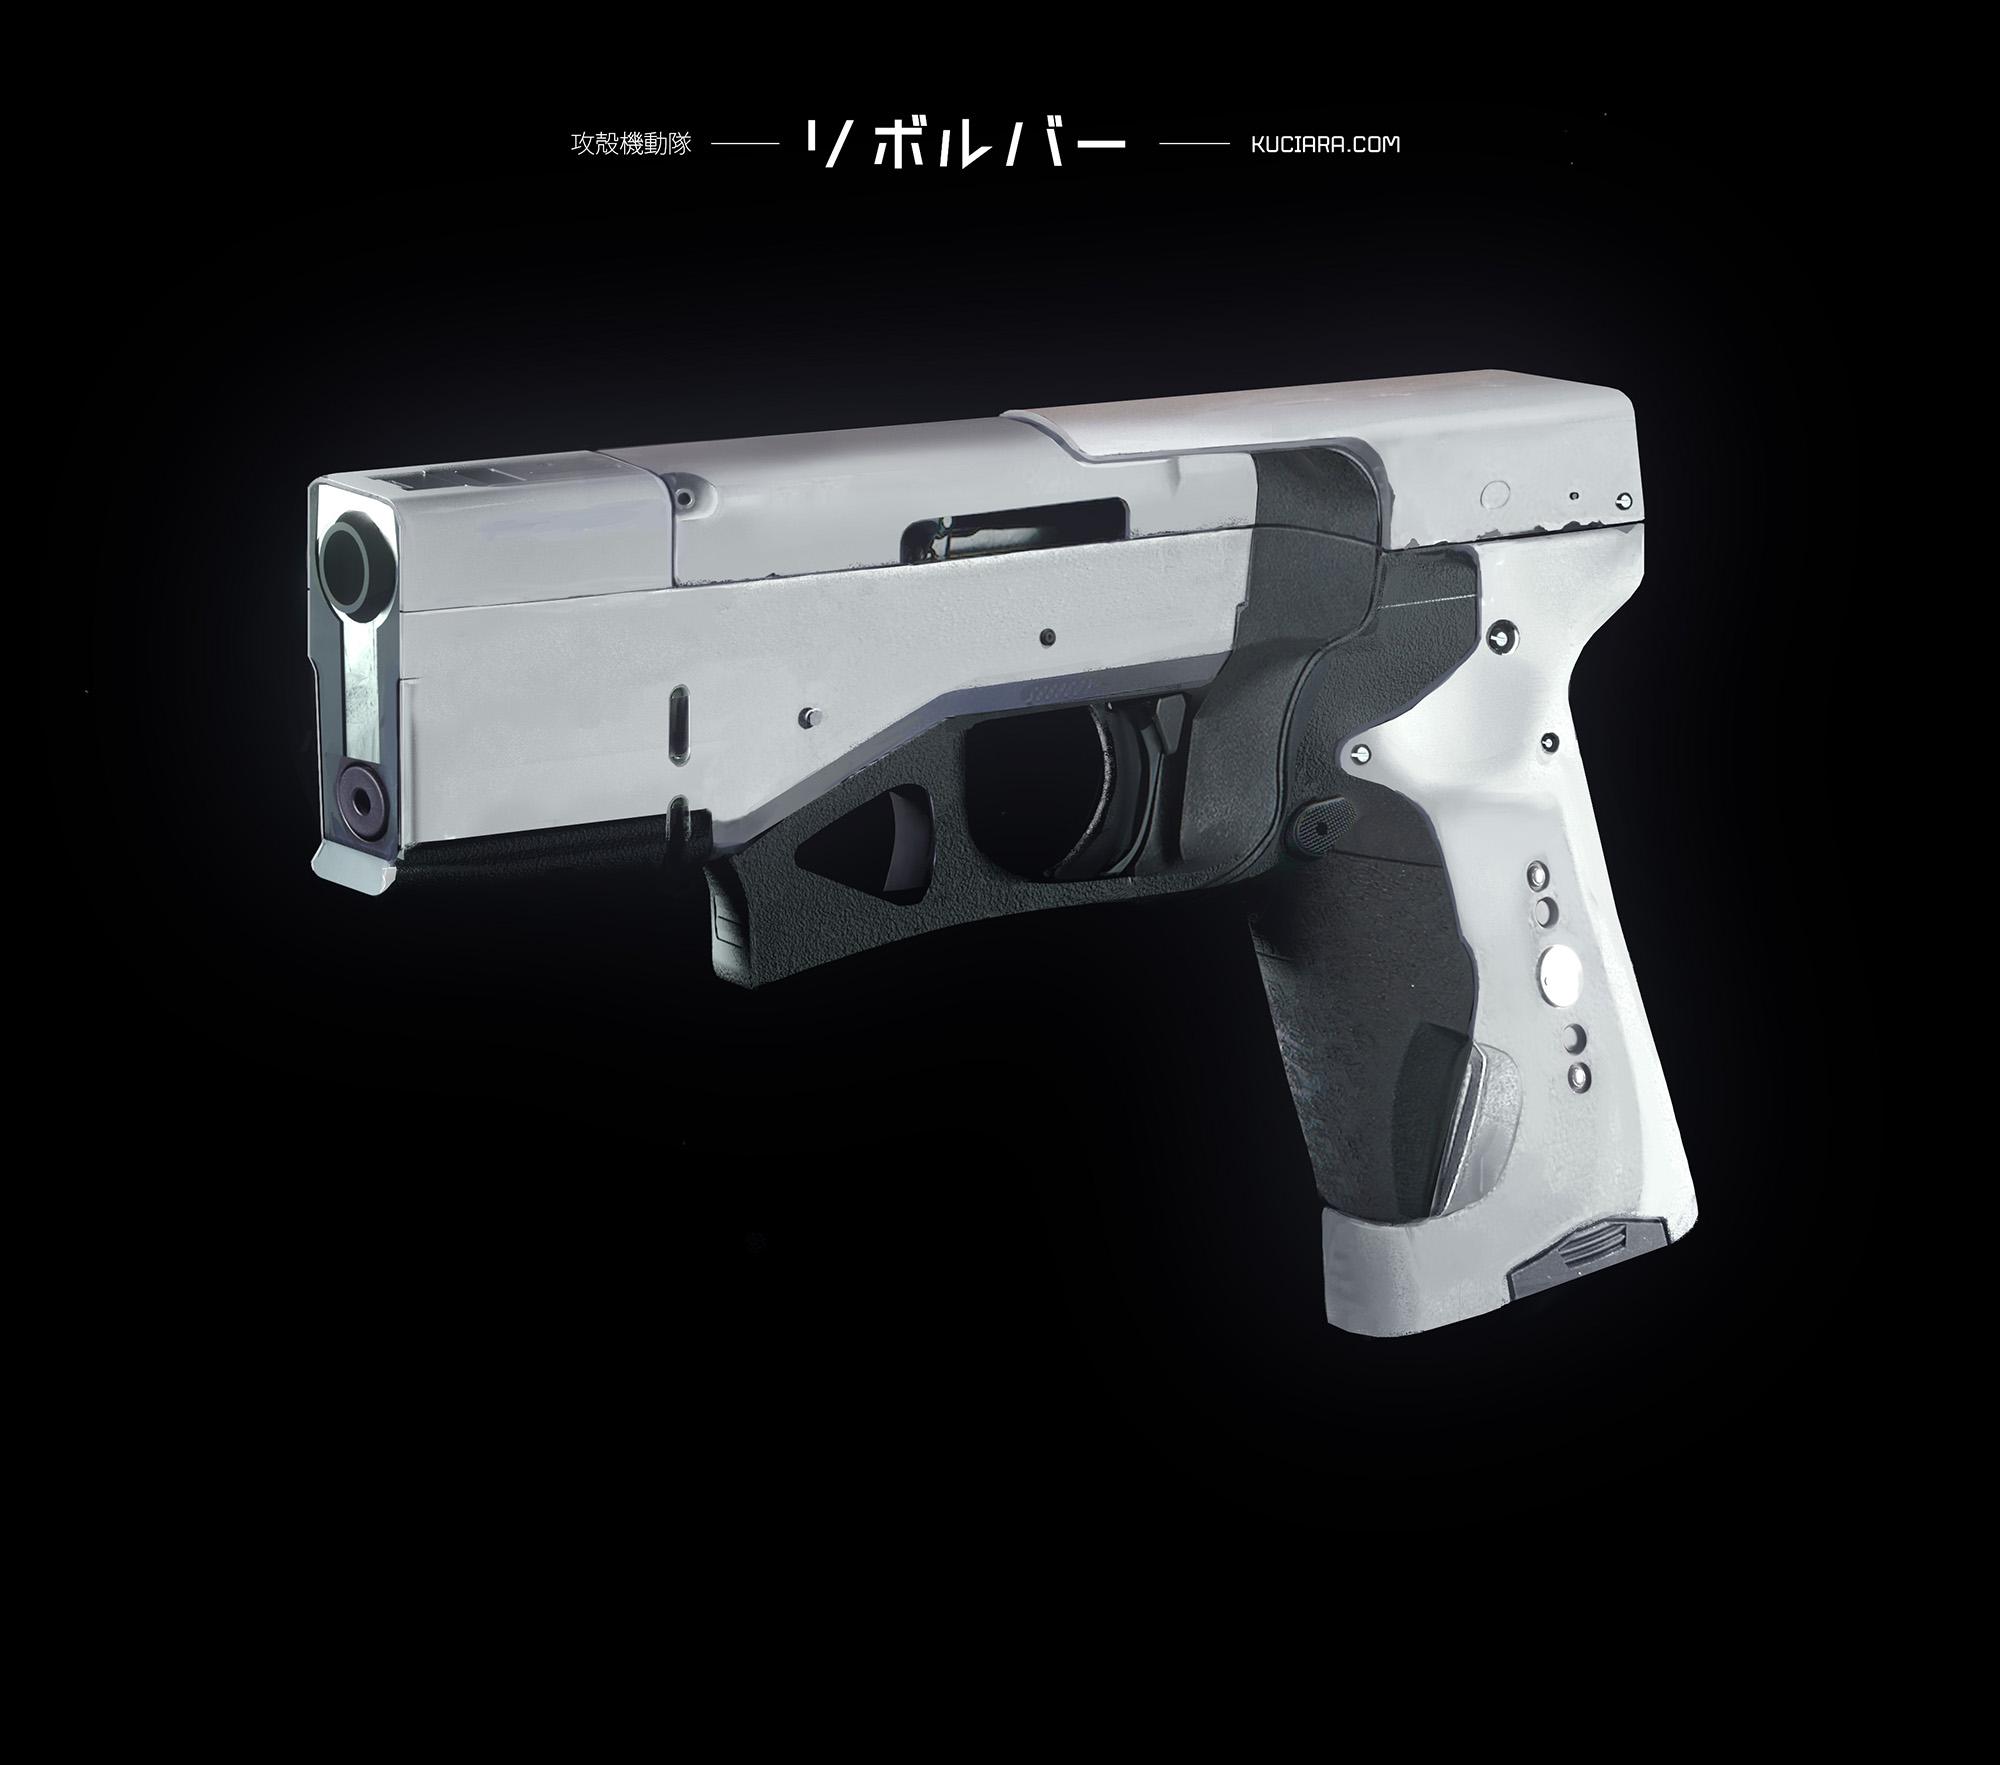 092915_WPN_Major_Pistol_White_MK_v002.jpg